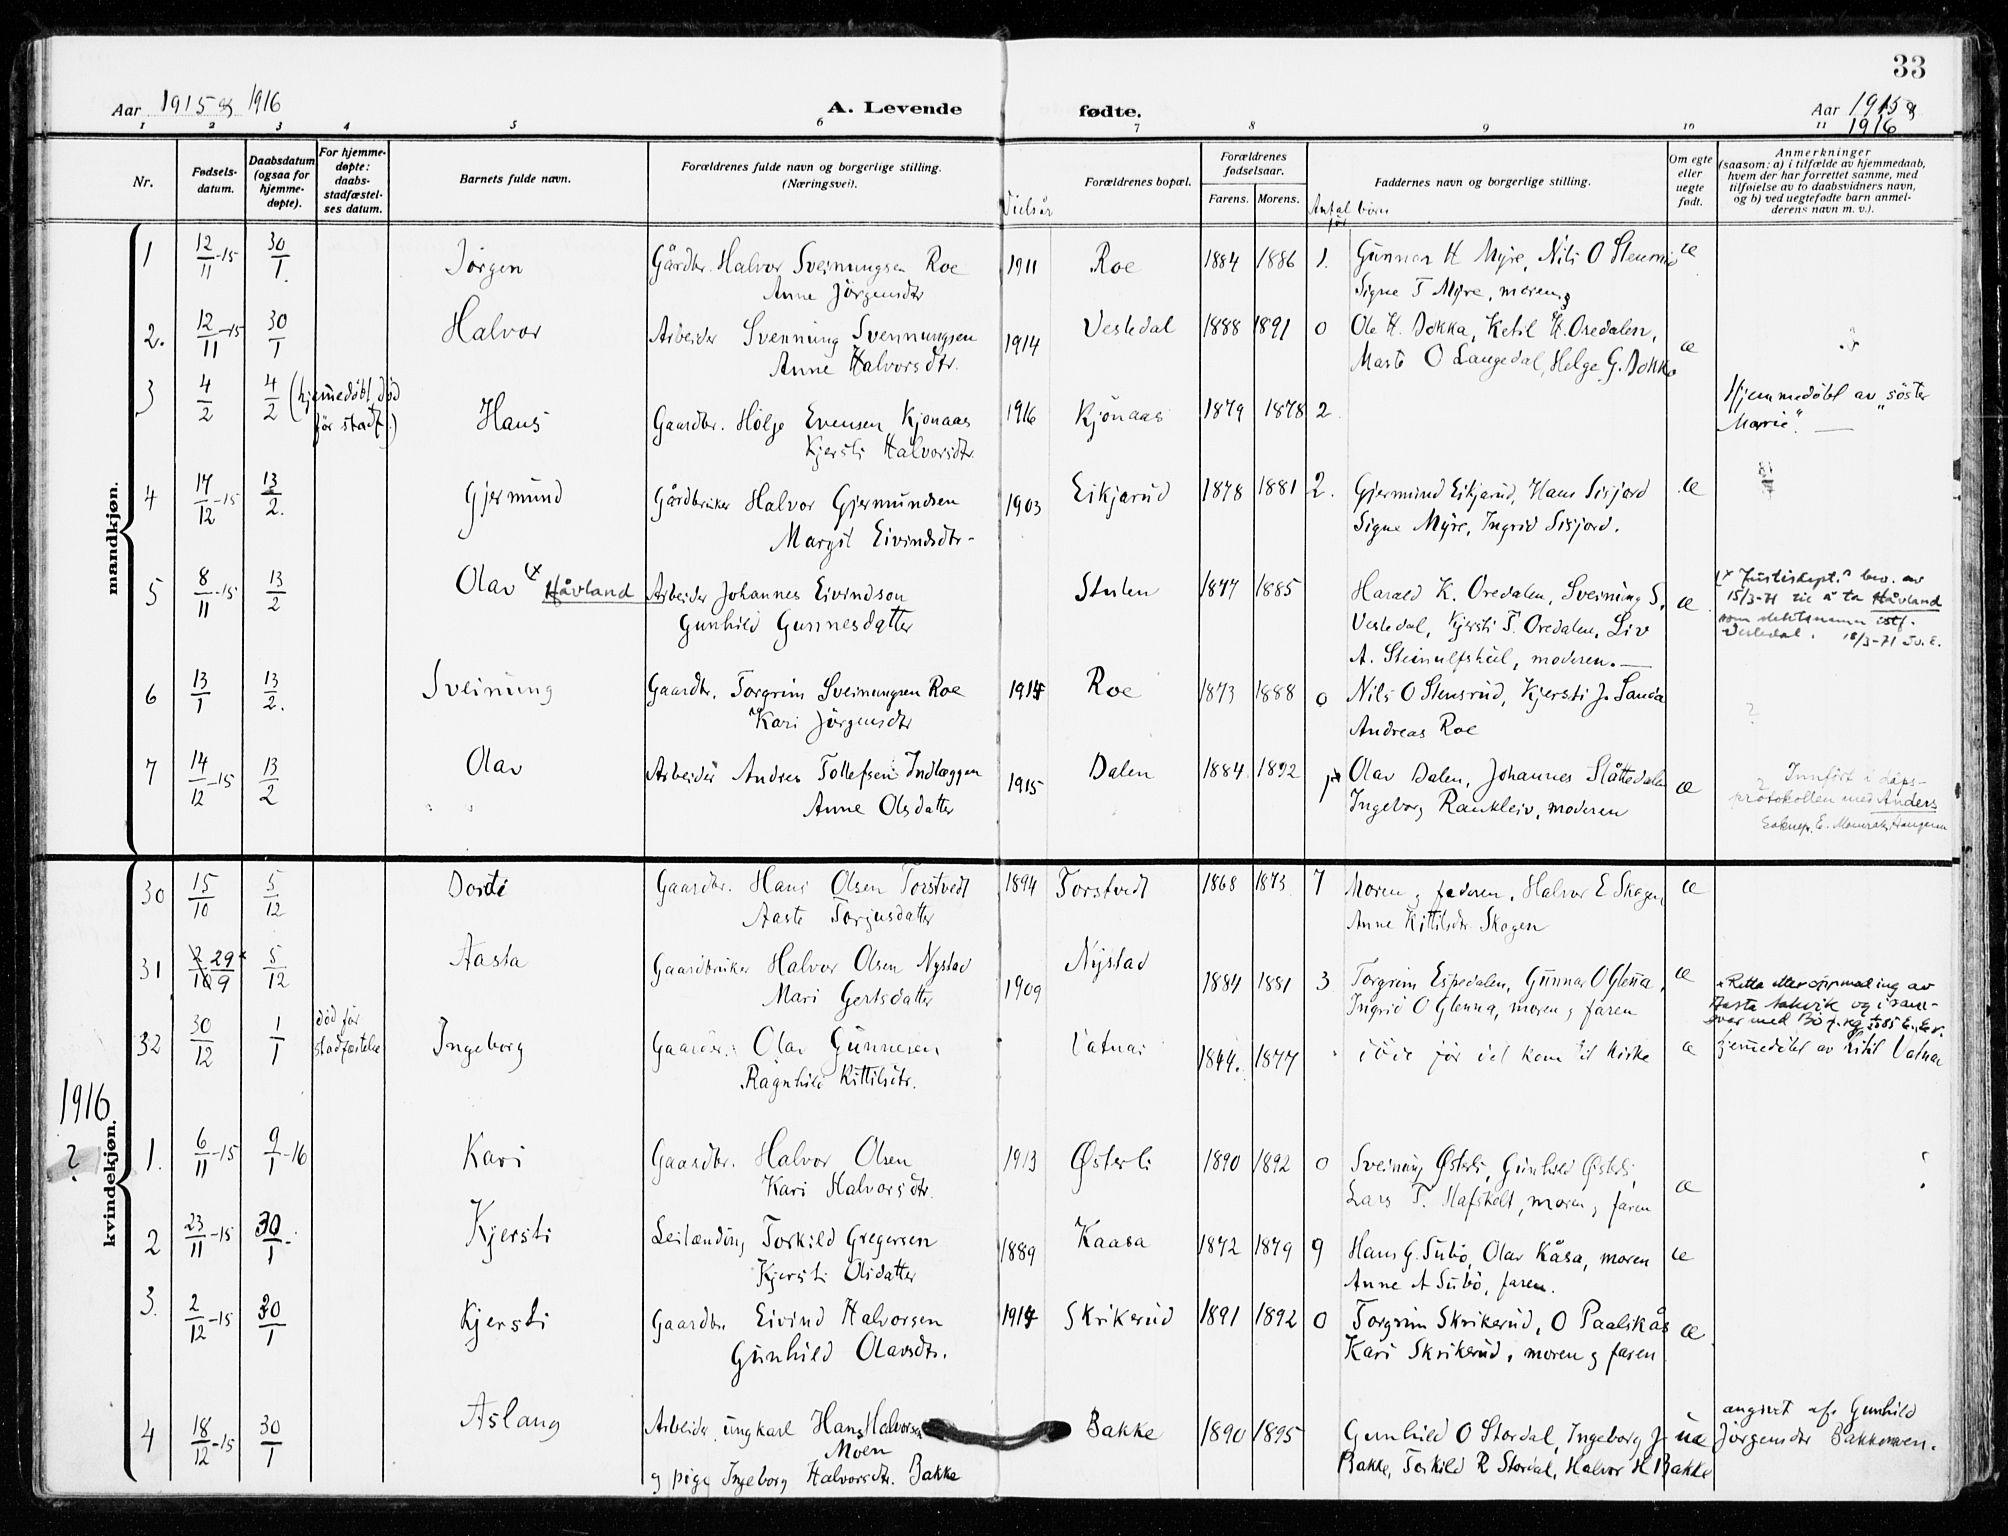 SAKO, Bø kirkebøker, F/Fa/L0013: Ministerialbok nr. 13, 1909-1921, s. 33